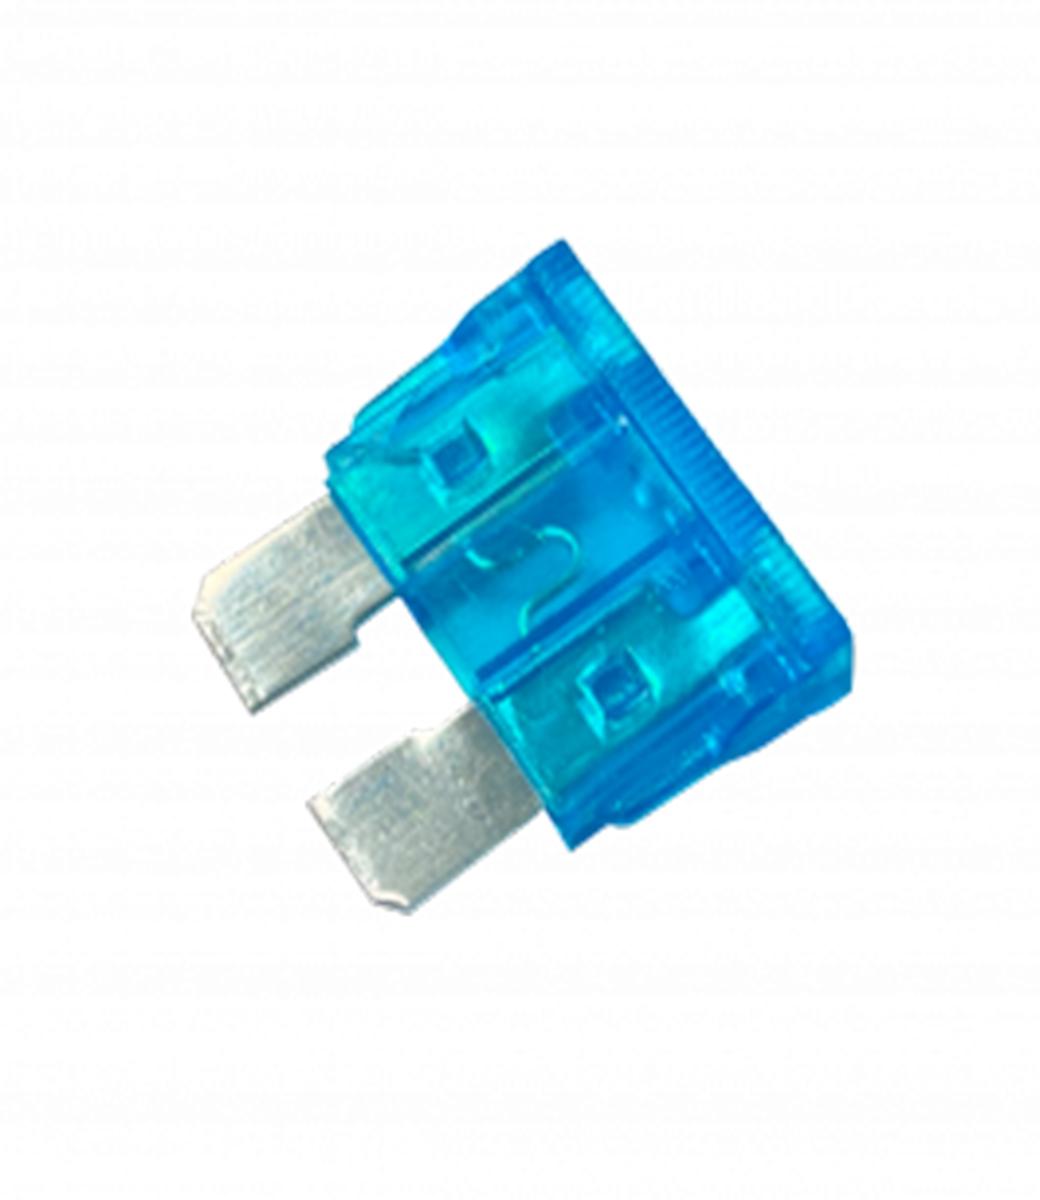 9509 ATS Fuses 15.0A 50 PCS